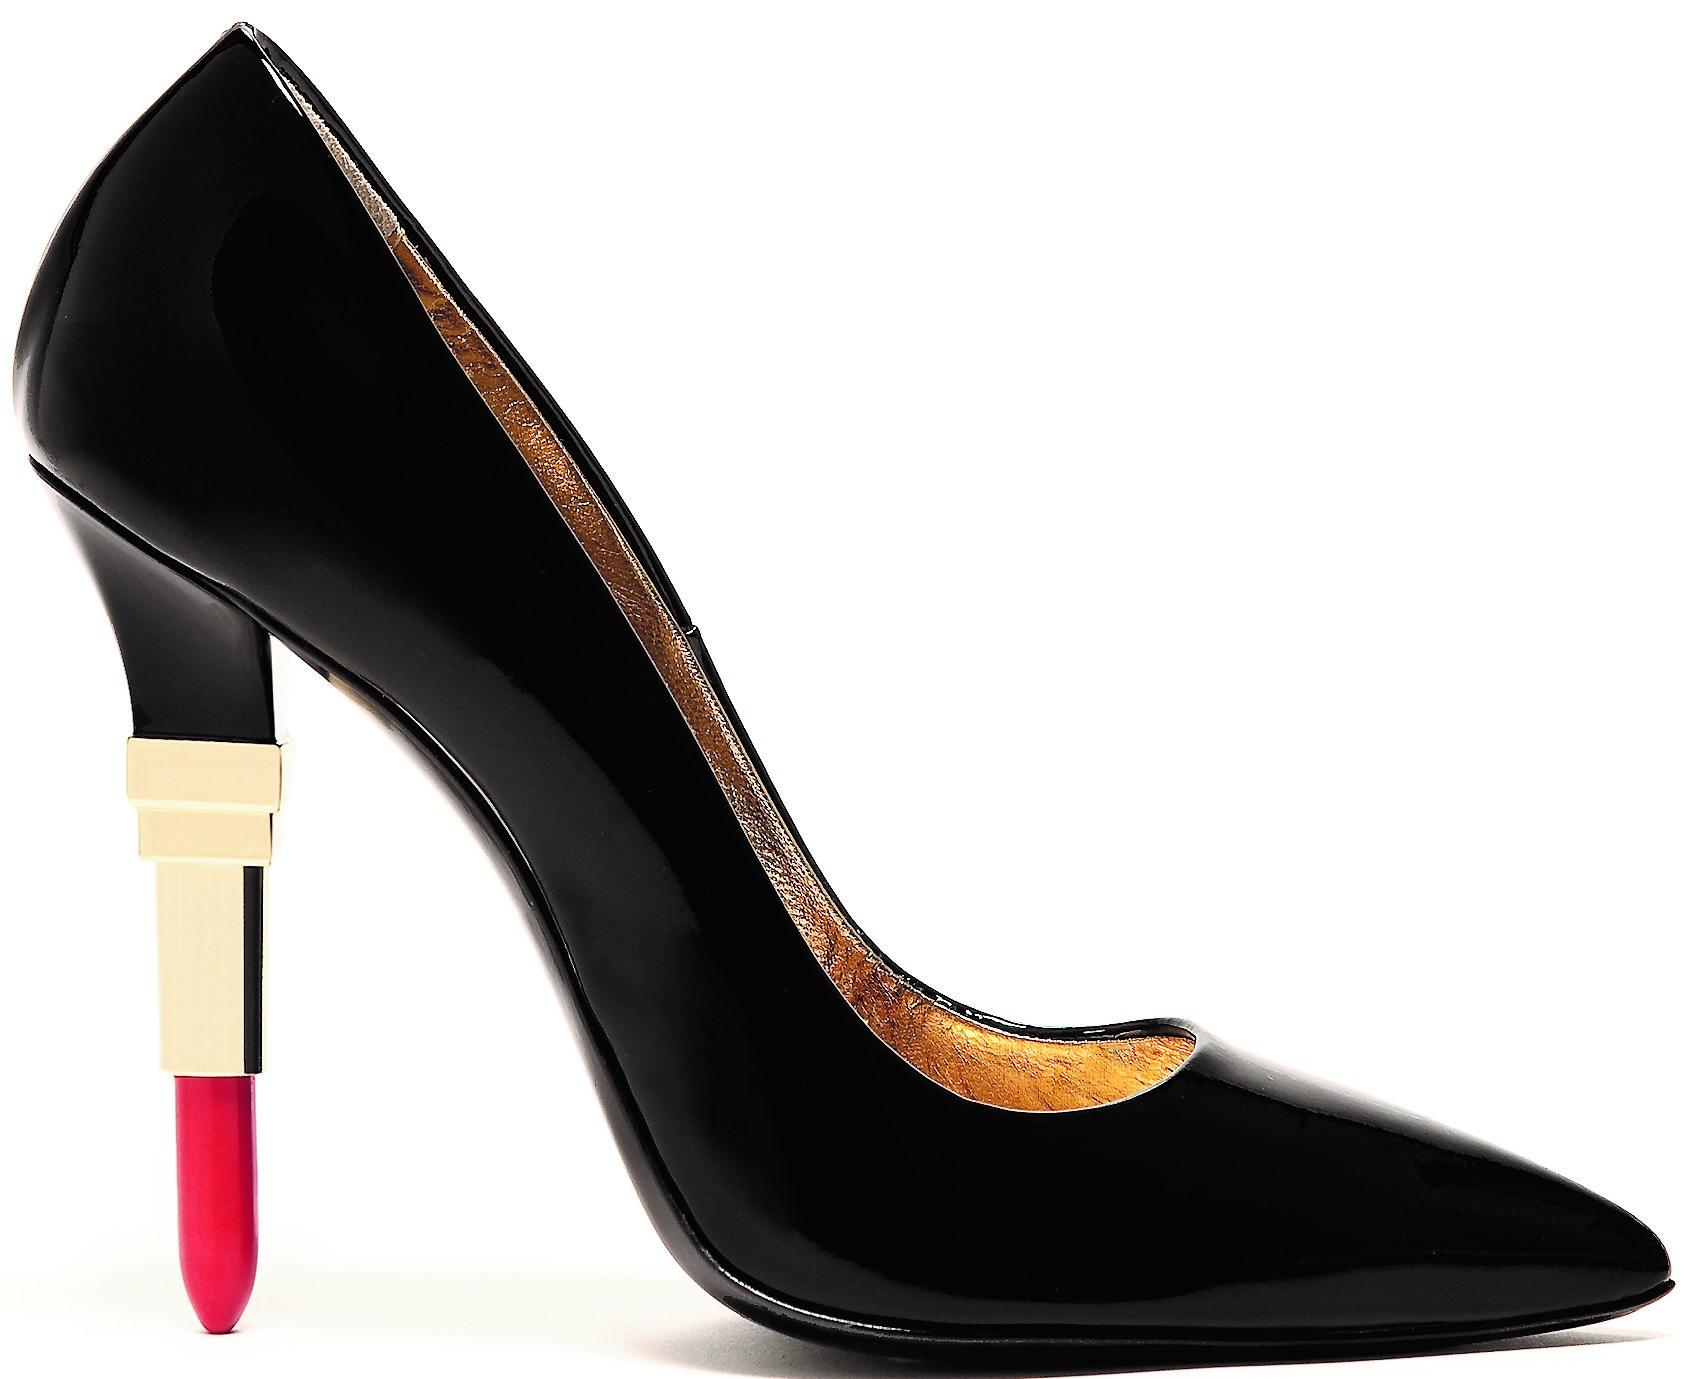 scarpe alberto guardiani iconiche (2)